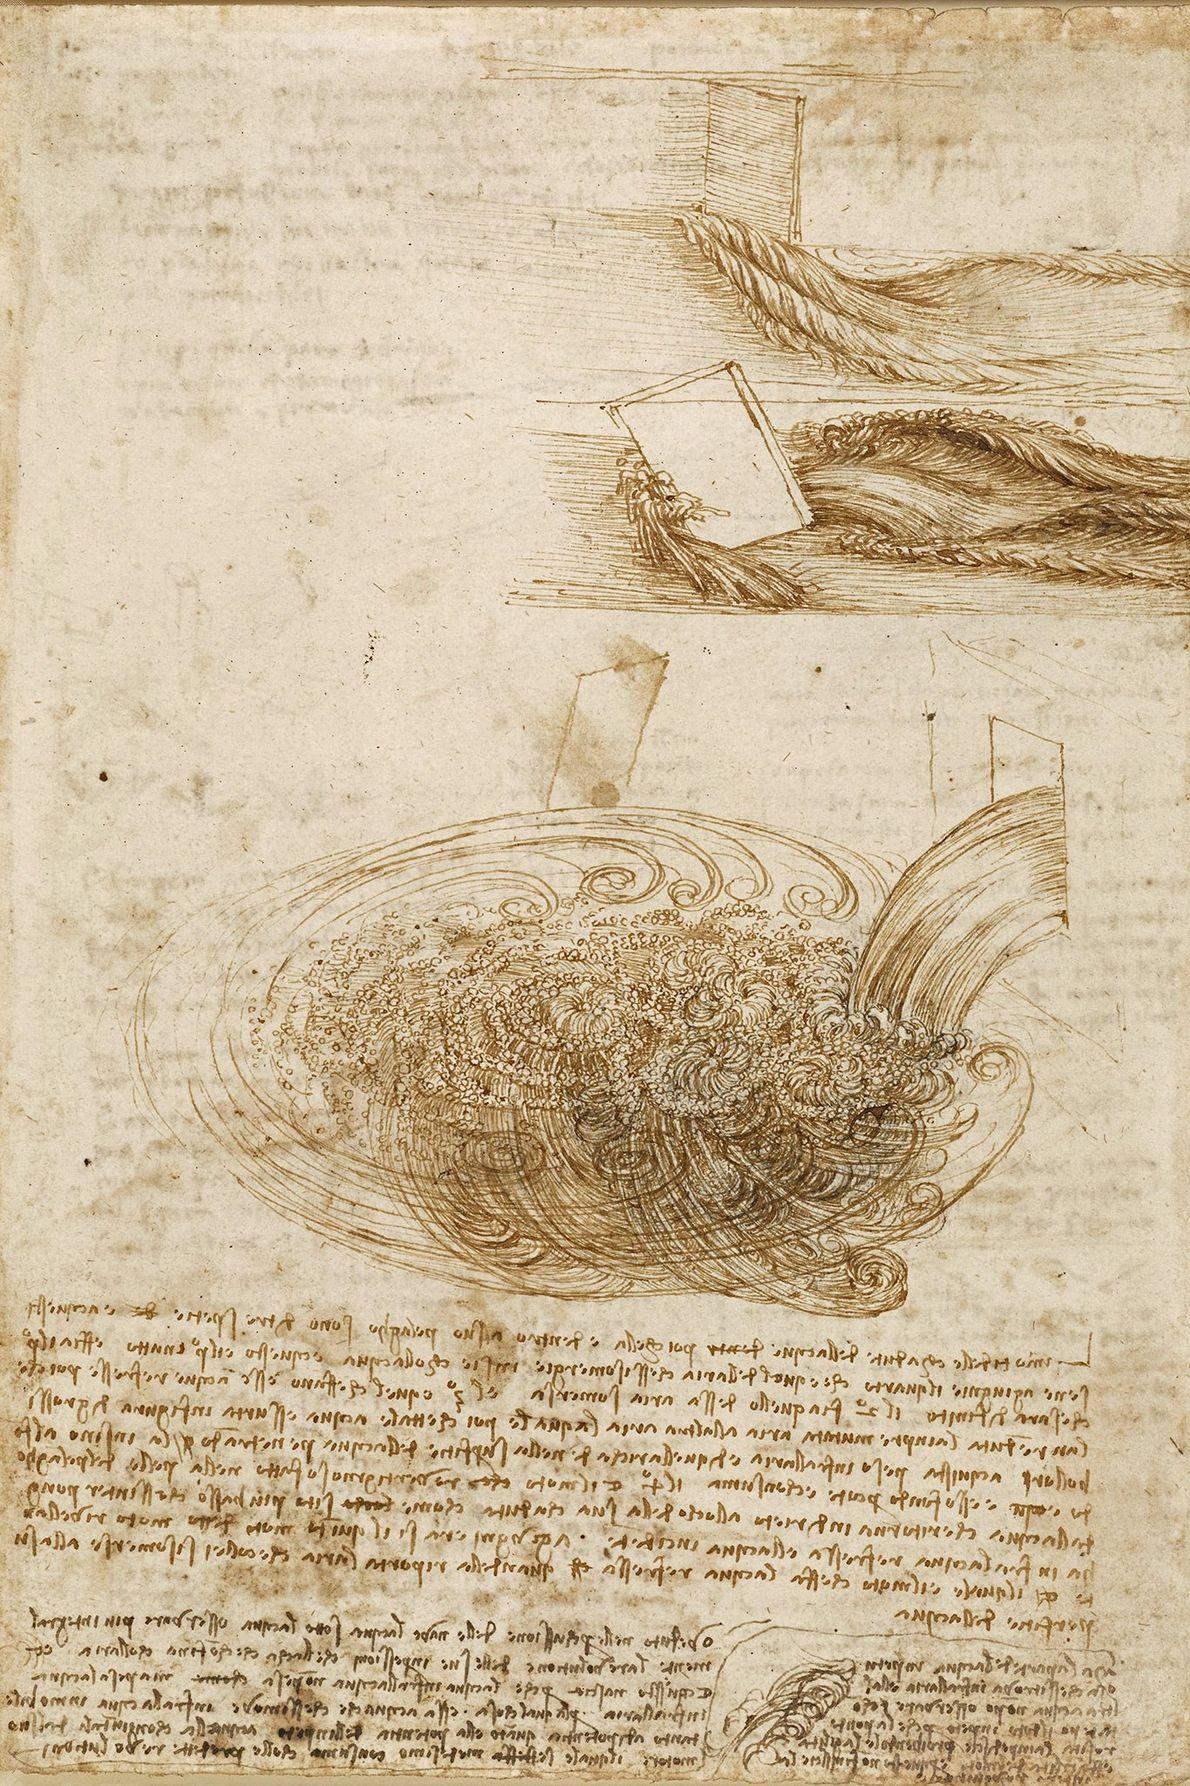 Léonard a non seulement observé et documenté la nature dans ses cahiers mais également lancé des ...